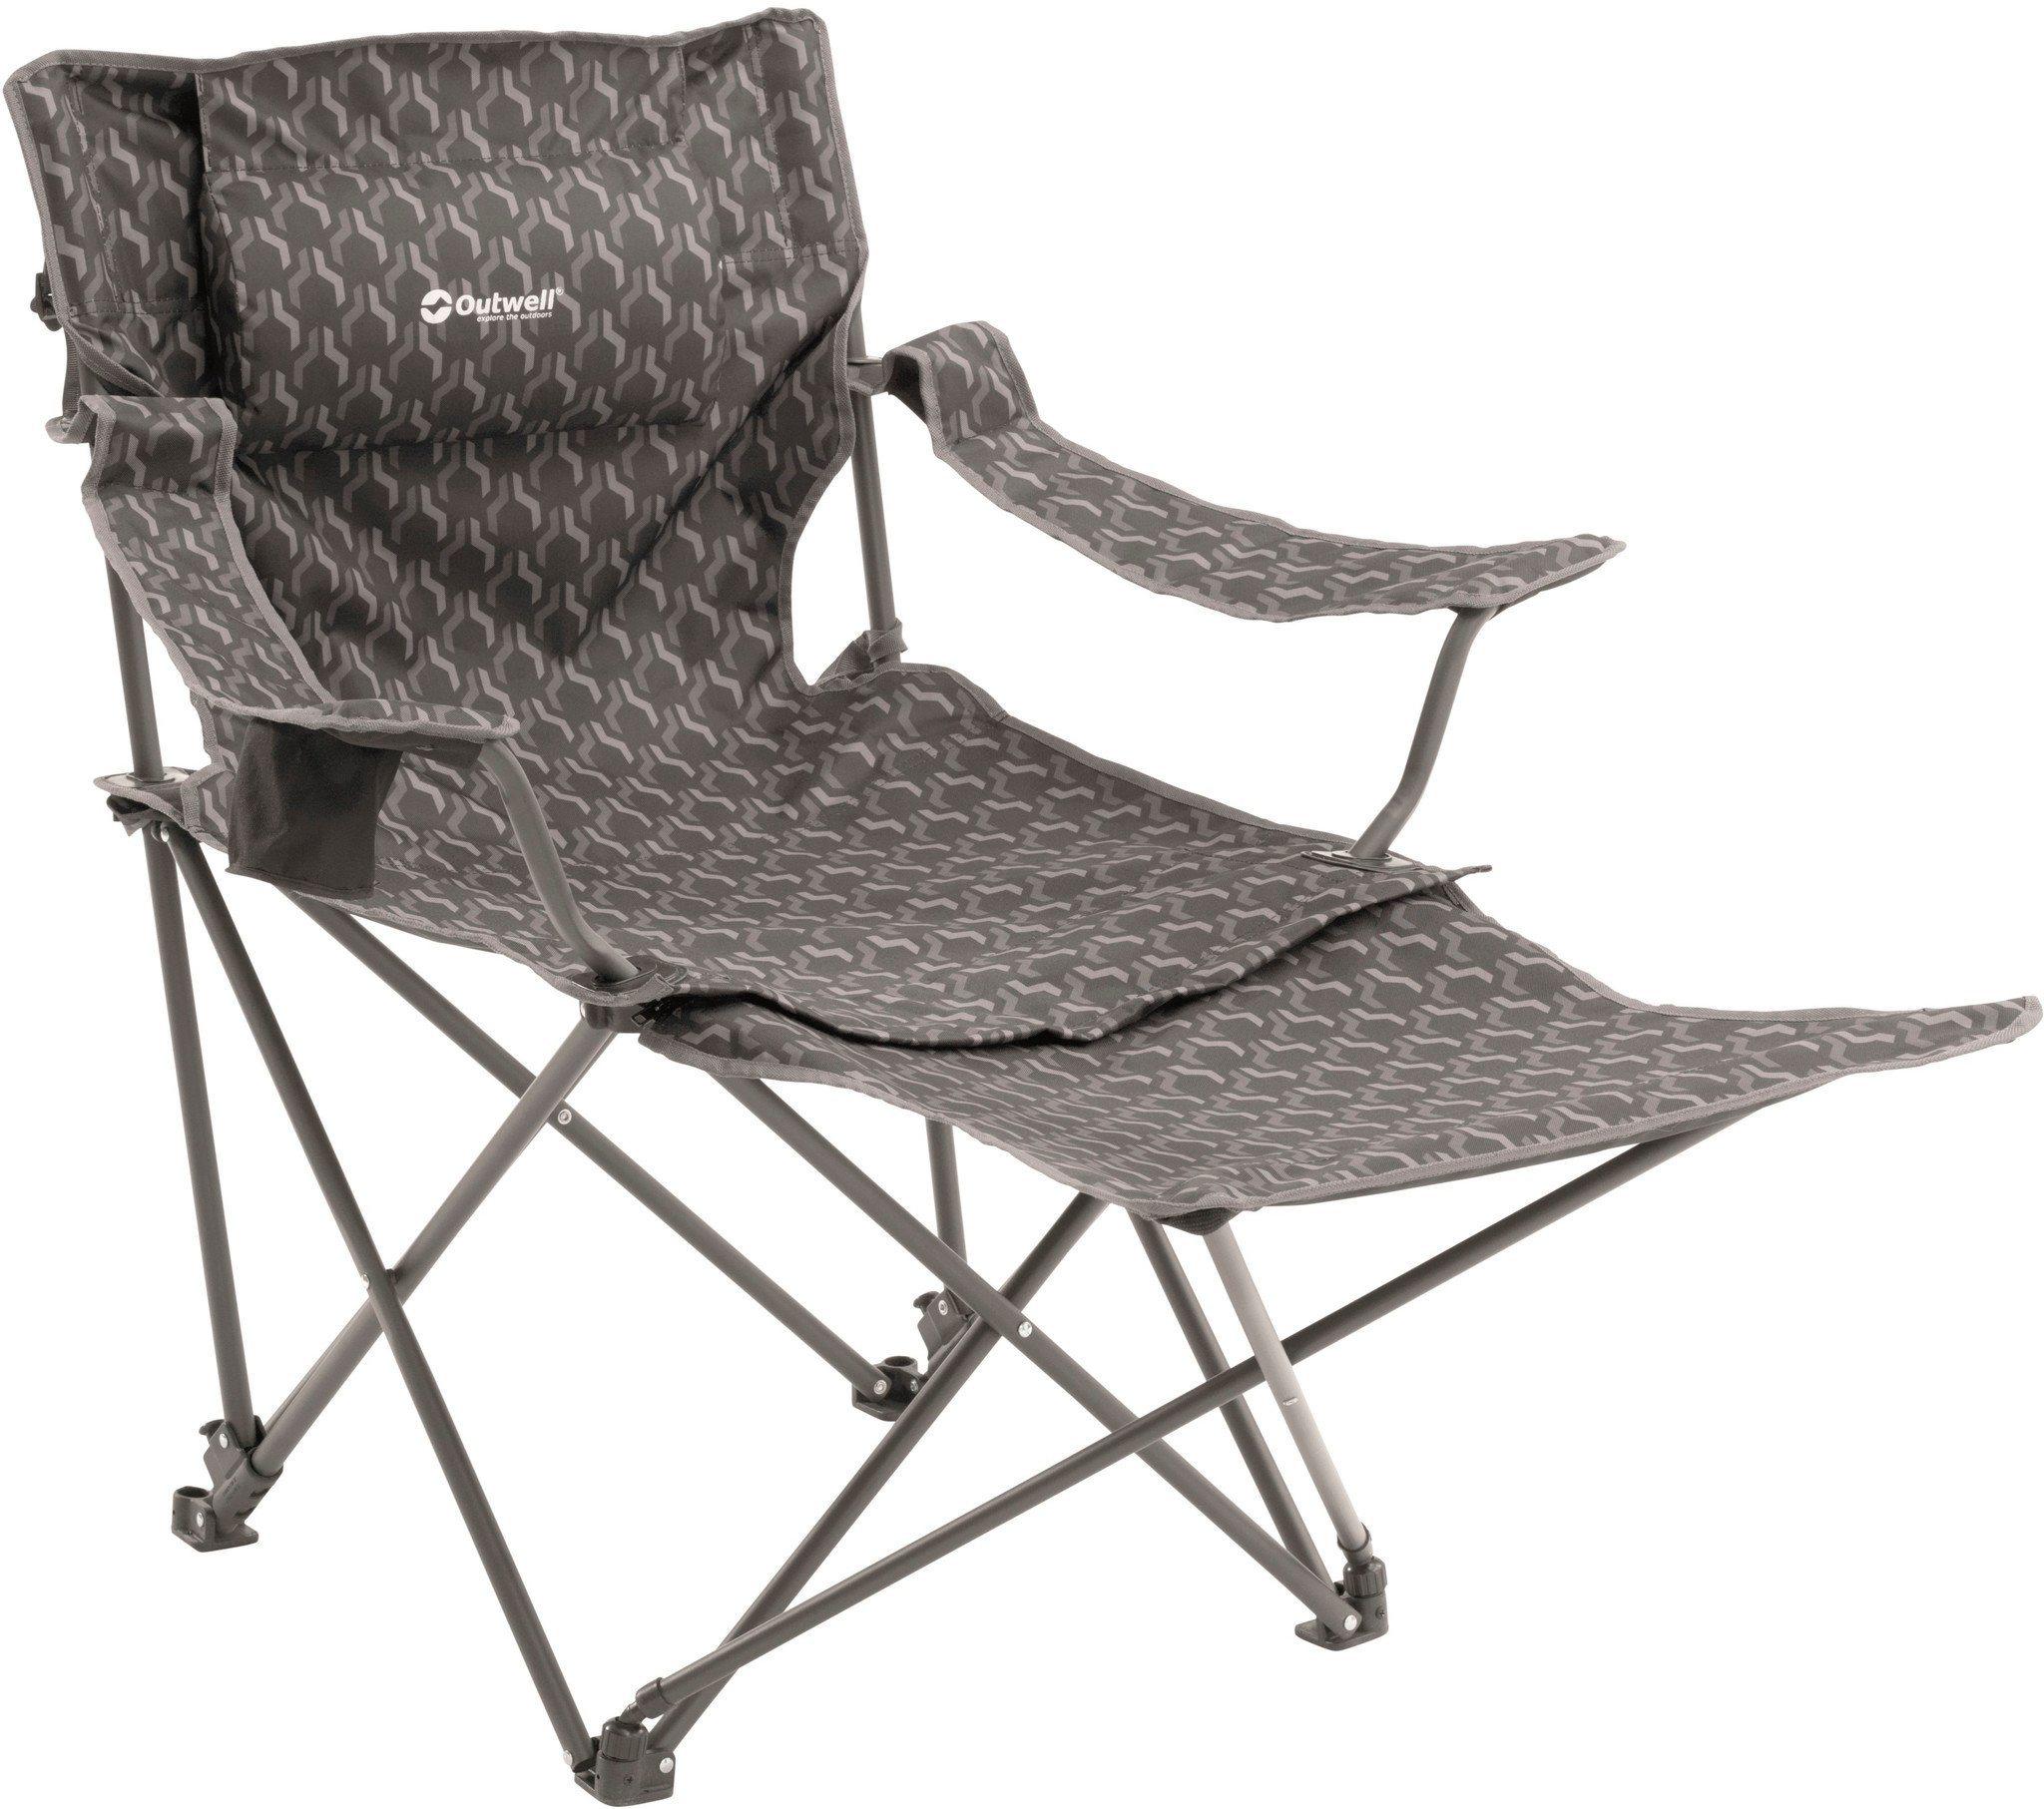 campingstuhl preisvergleich die besten angebote online kaufen. Black Bedroom Furniture Sets. Home Design Ideas